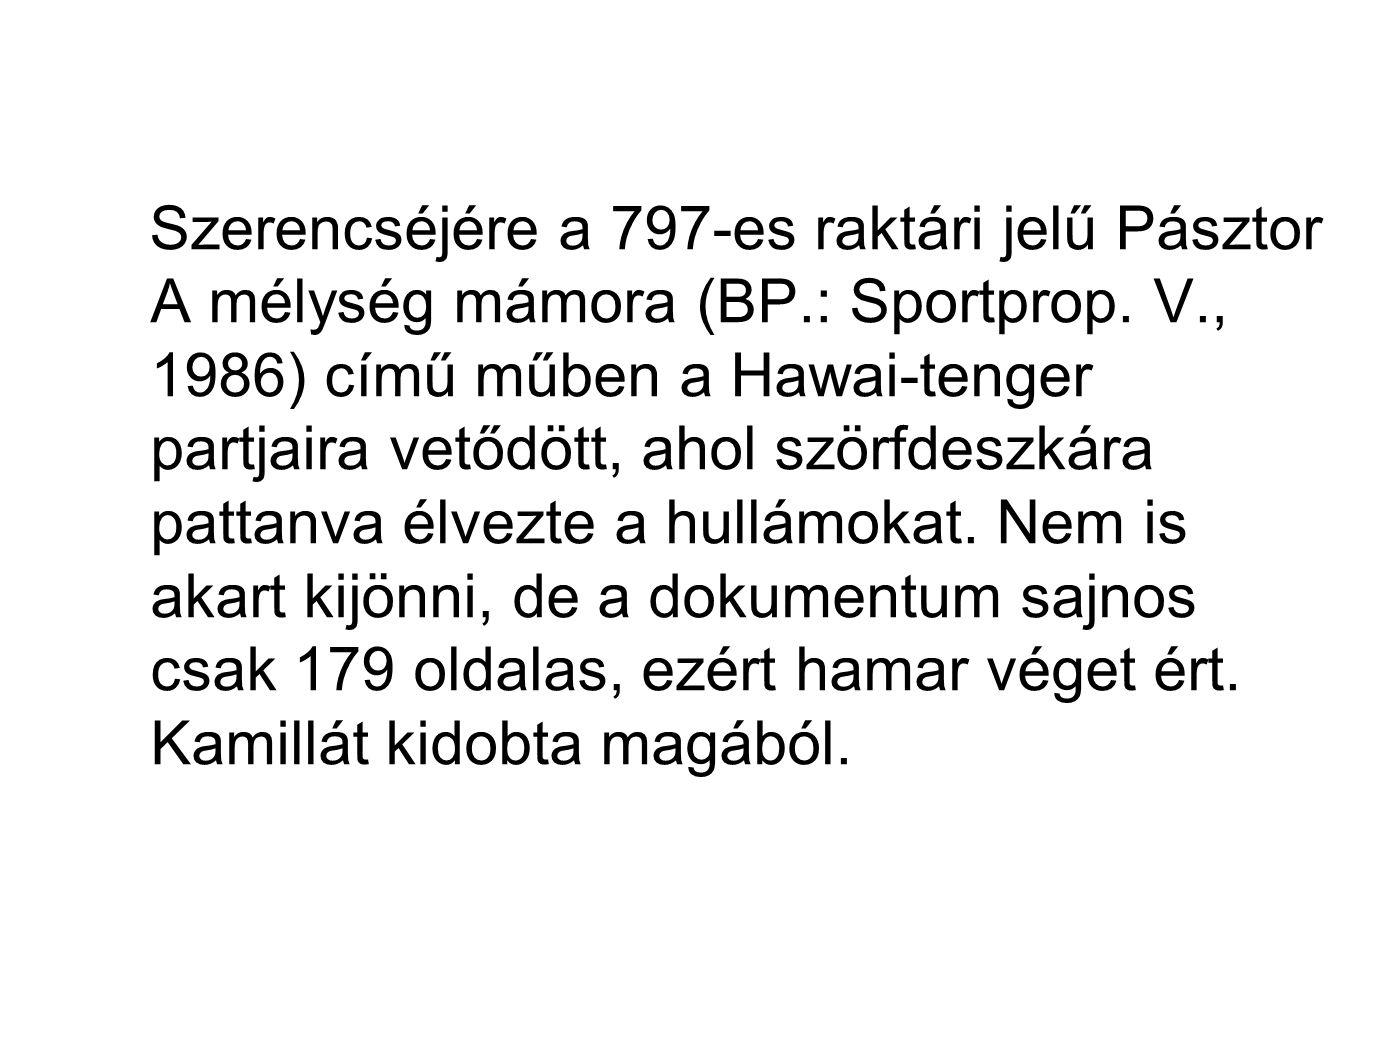 Szerencséjére a 797-es raktári jelű Pásztor A mélység mámora (BP